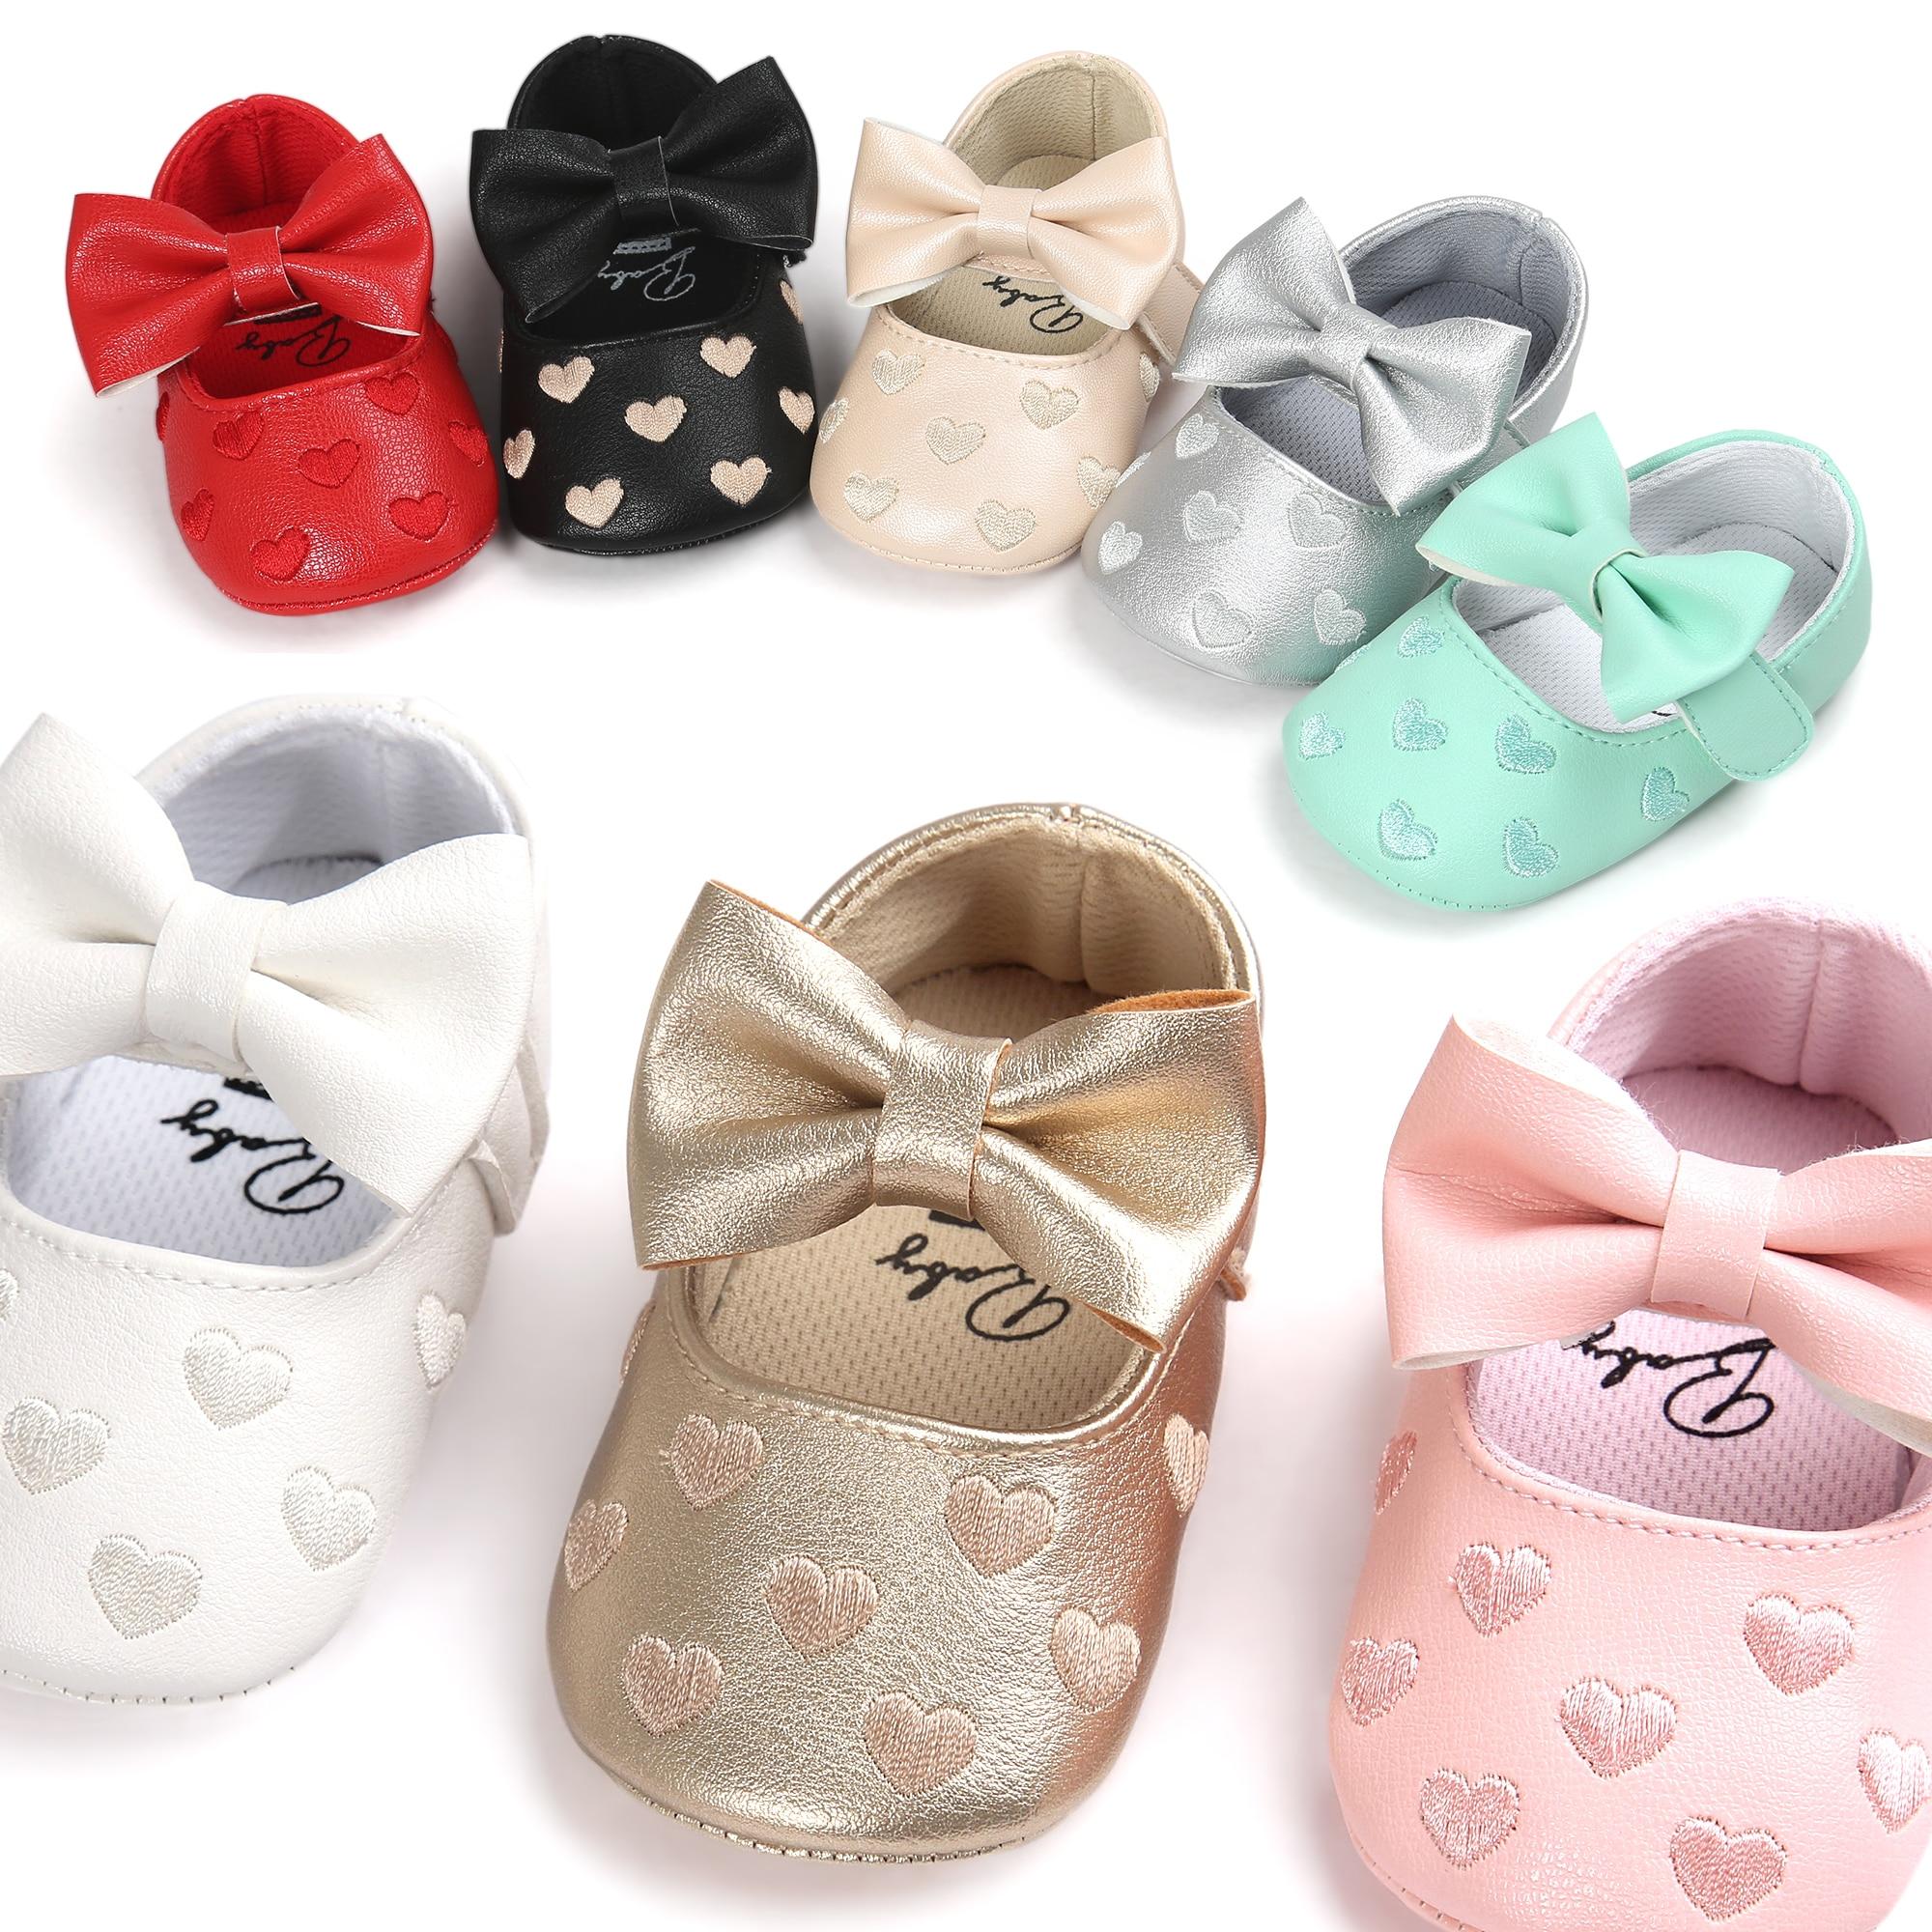 13e27e6029769 PU En Cuir En Forme de Coeur Bébé Chaussures Filles En Bas Âge Bébé  Mocassins Élastique Bande Papillon-noeud Printemps Automne Lit chaussures